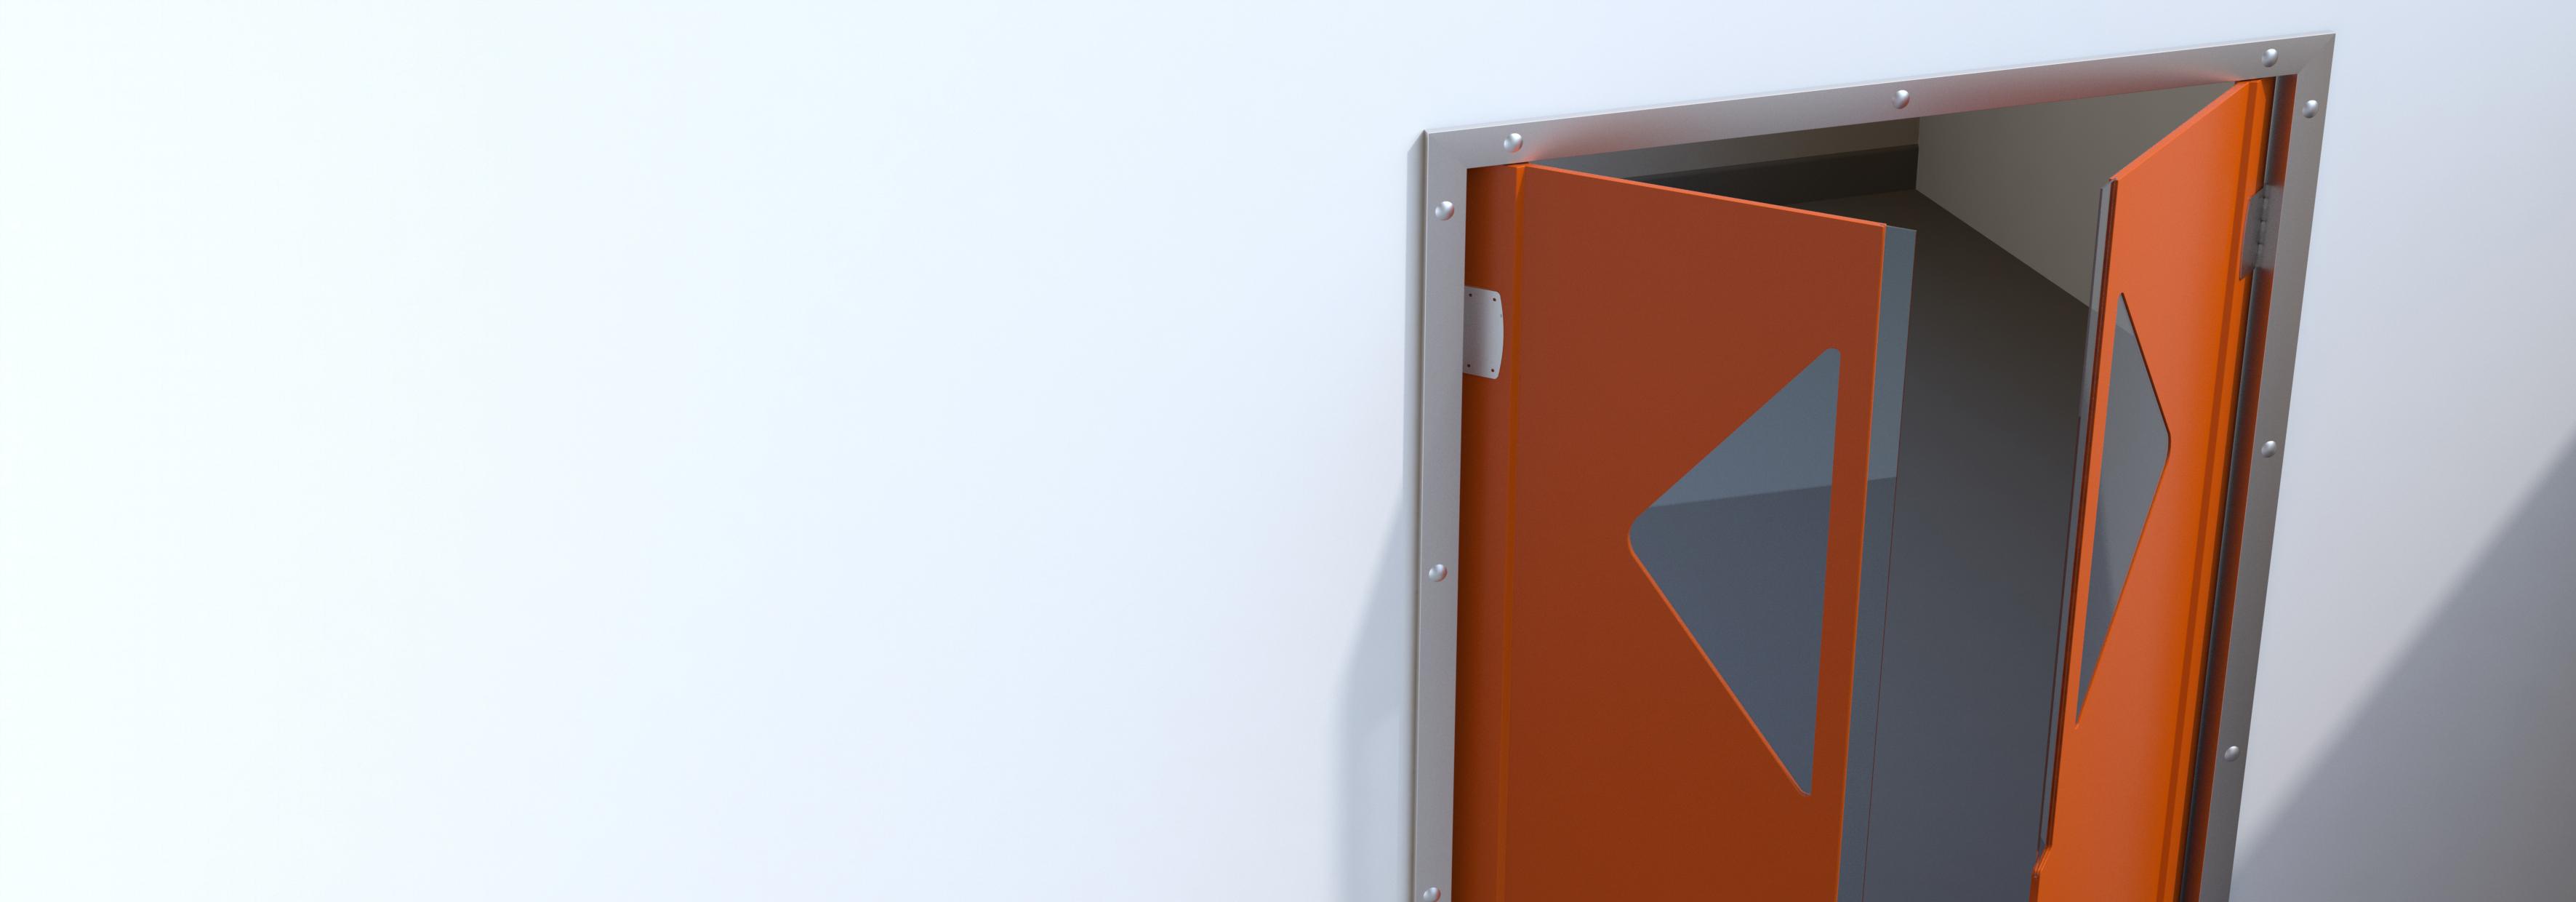 PVV2 3D OK-ORANGE-60x21cm-09-2018-V1